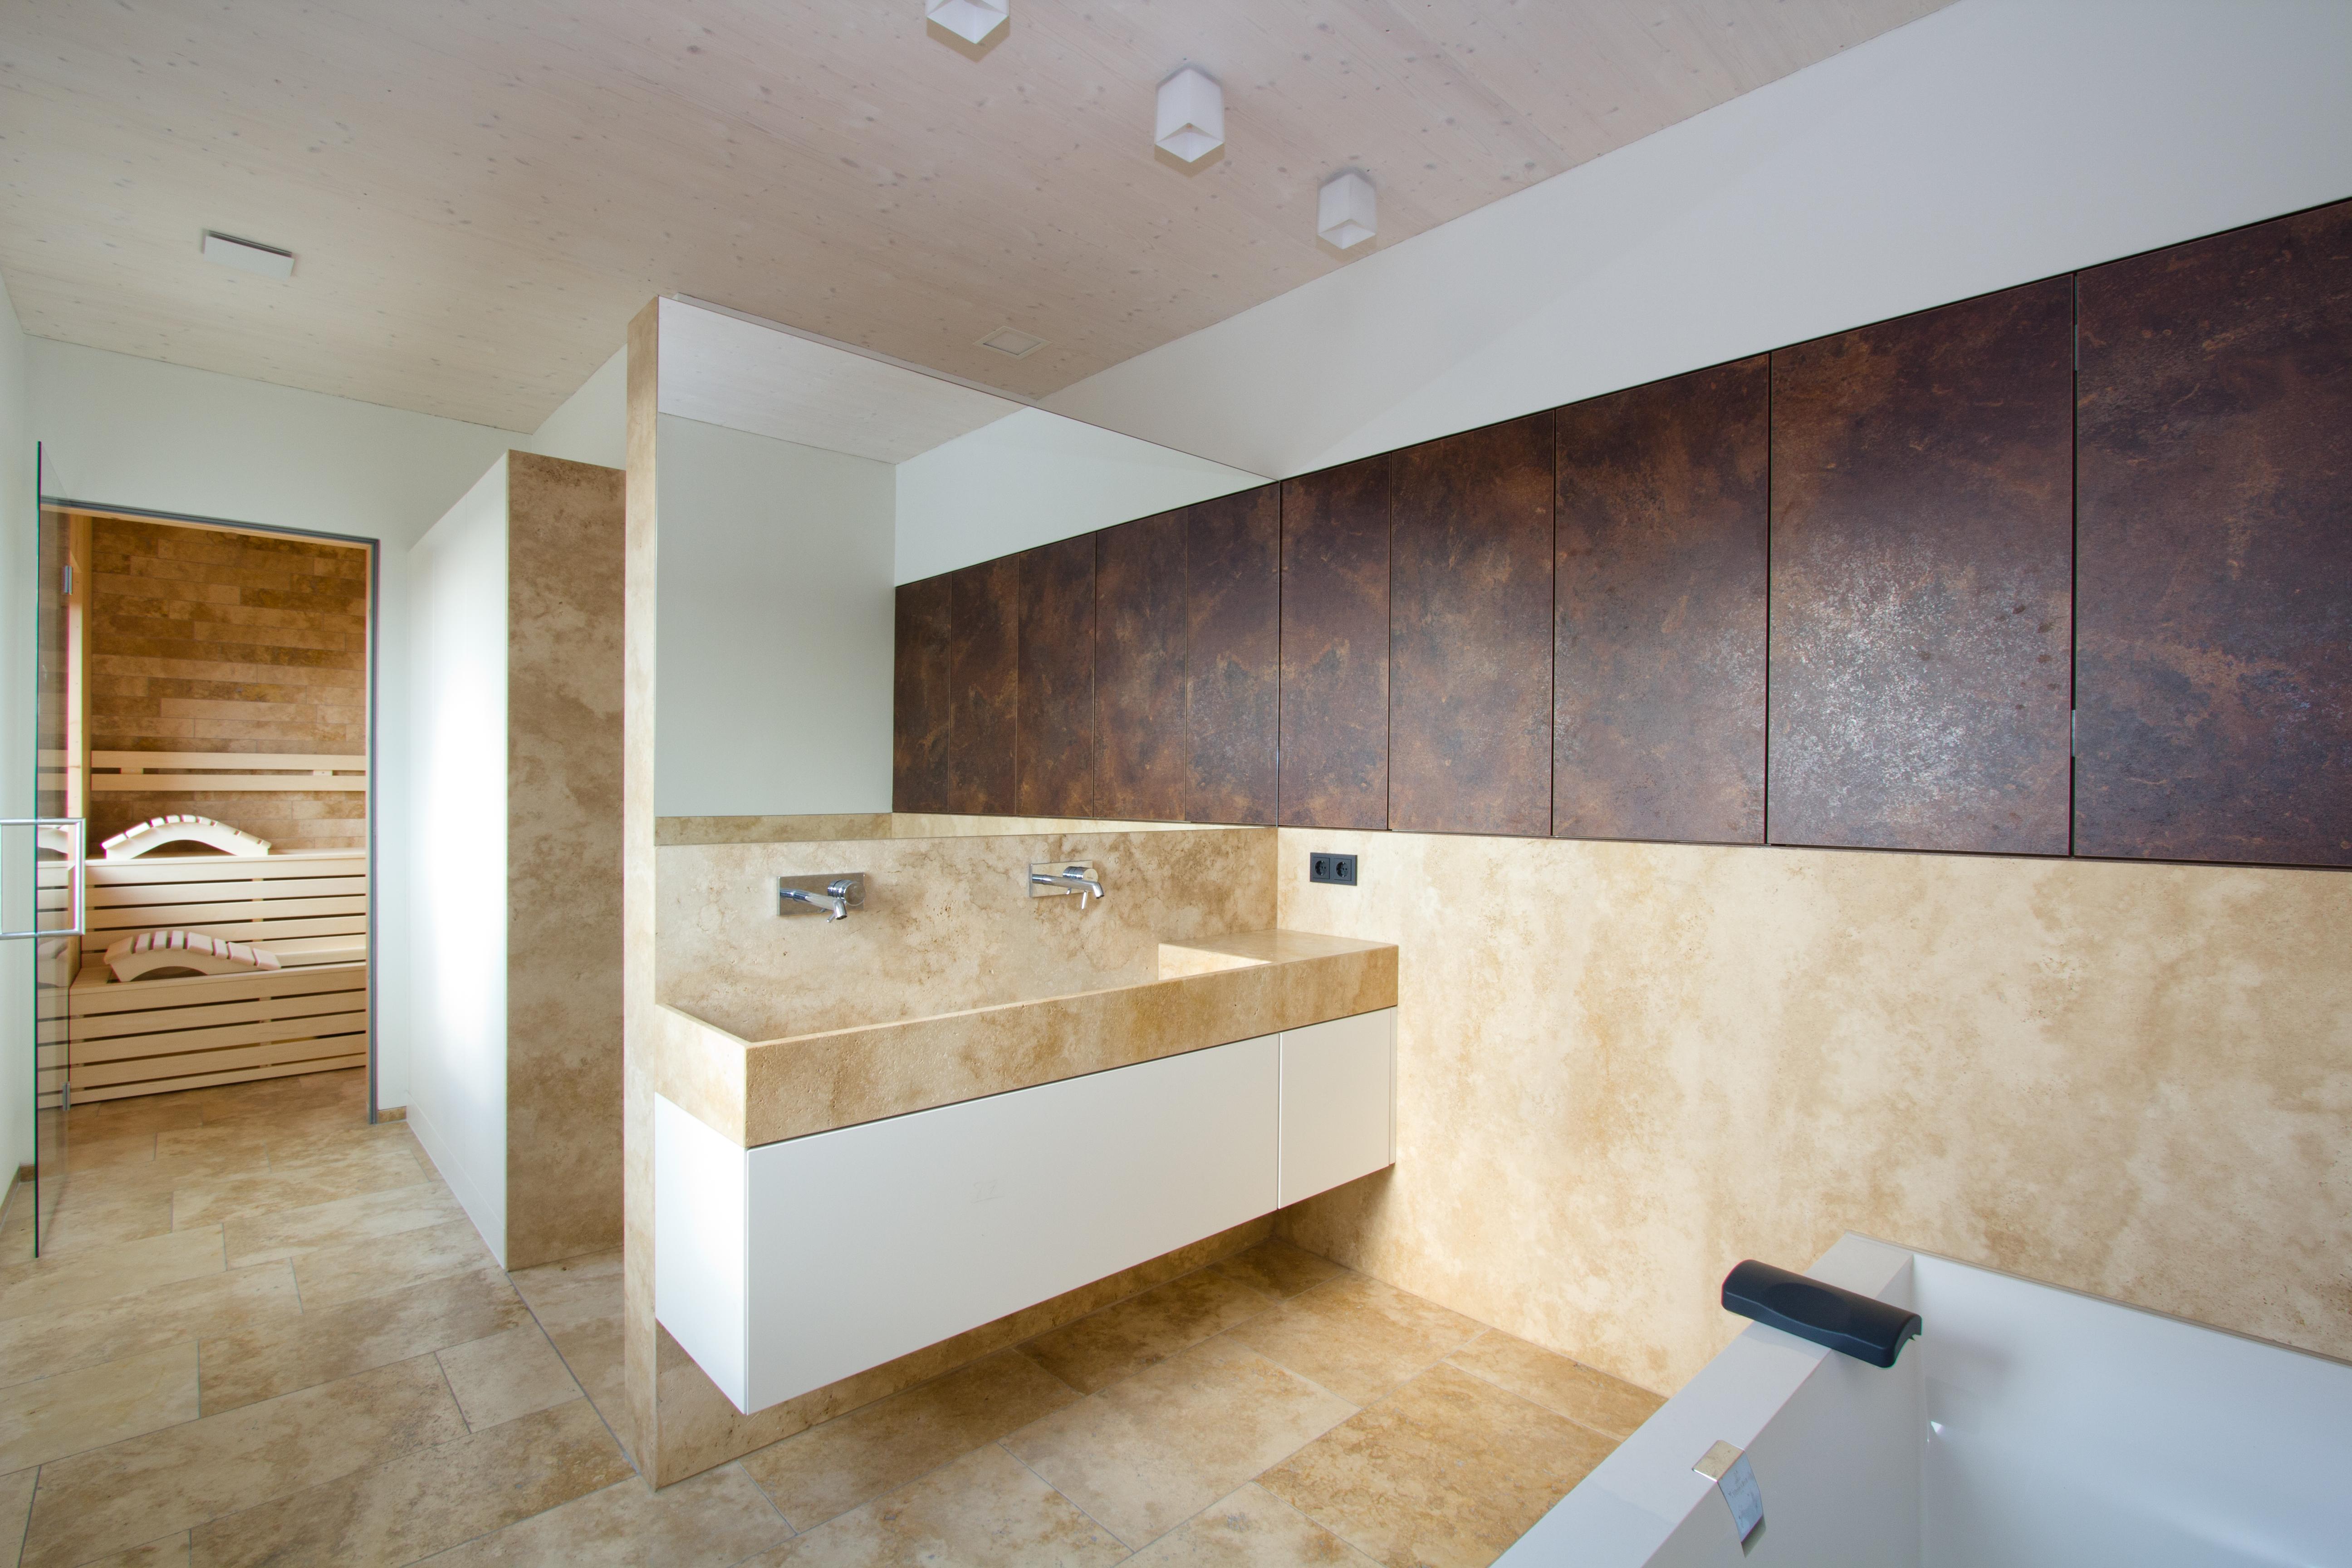 modernes bad mit travertin steinbecken mauthausen. Black Bedroom Furniture Sets. Home Design Ideas